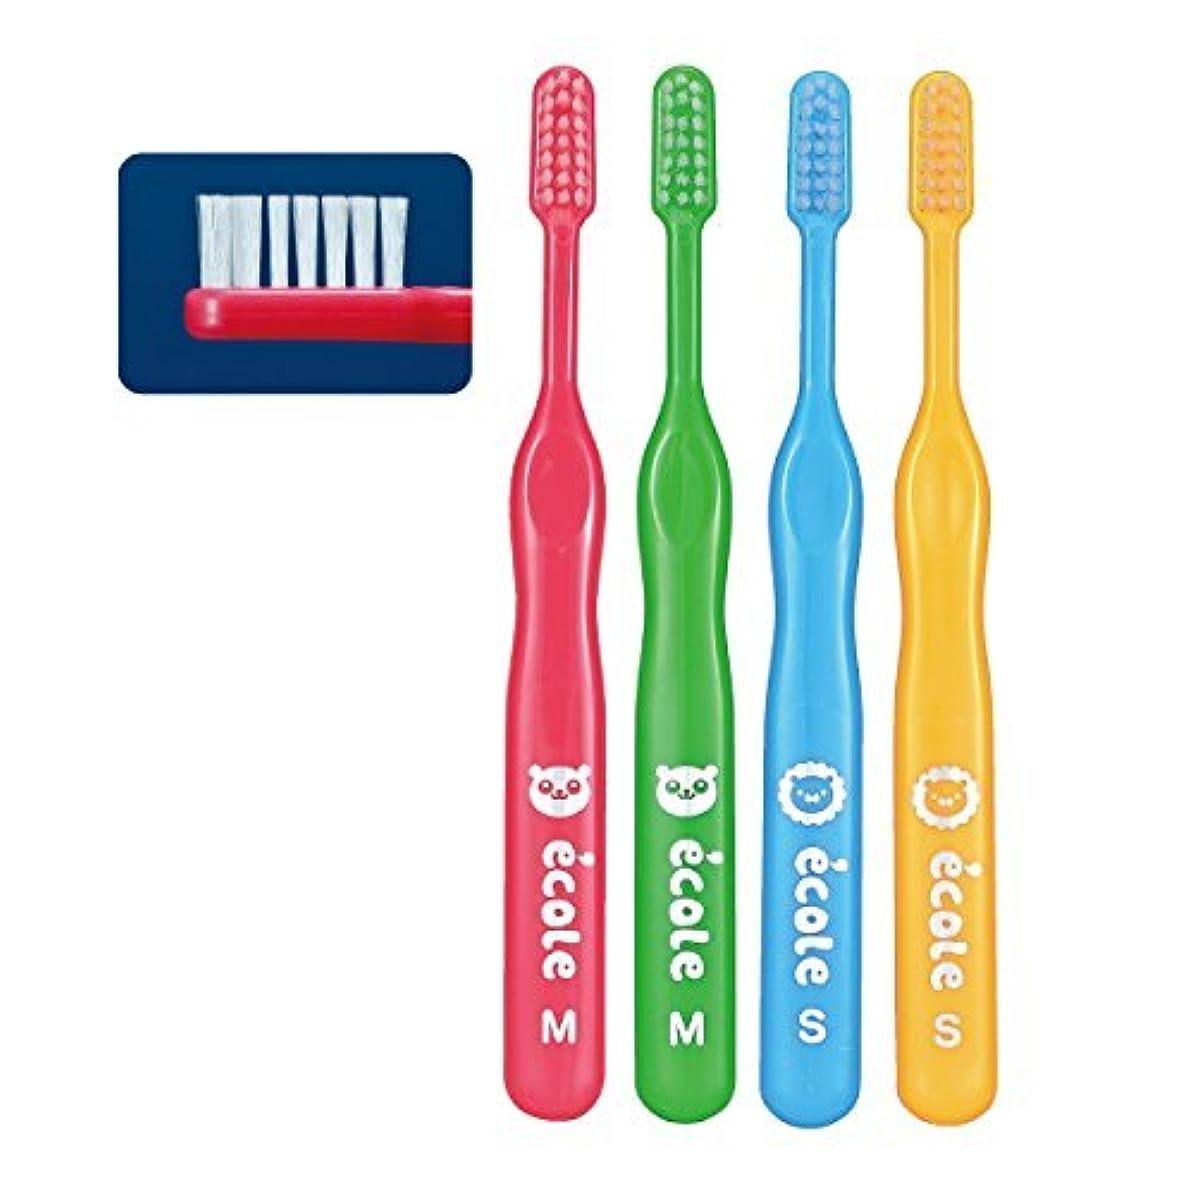 受益者手足許可するリセラ エコル 幼児~小学生用歯ブラシ Sやわらかめ 24本入り